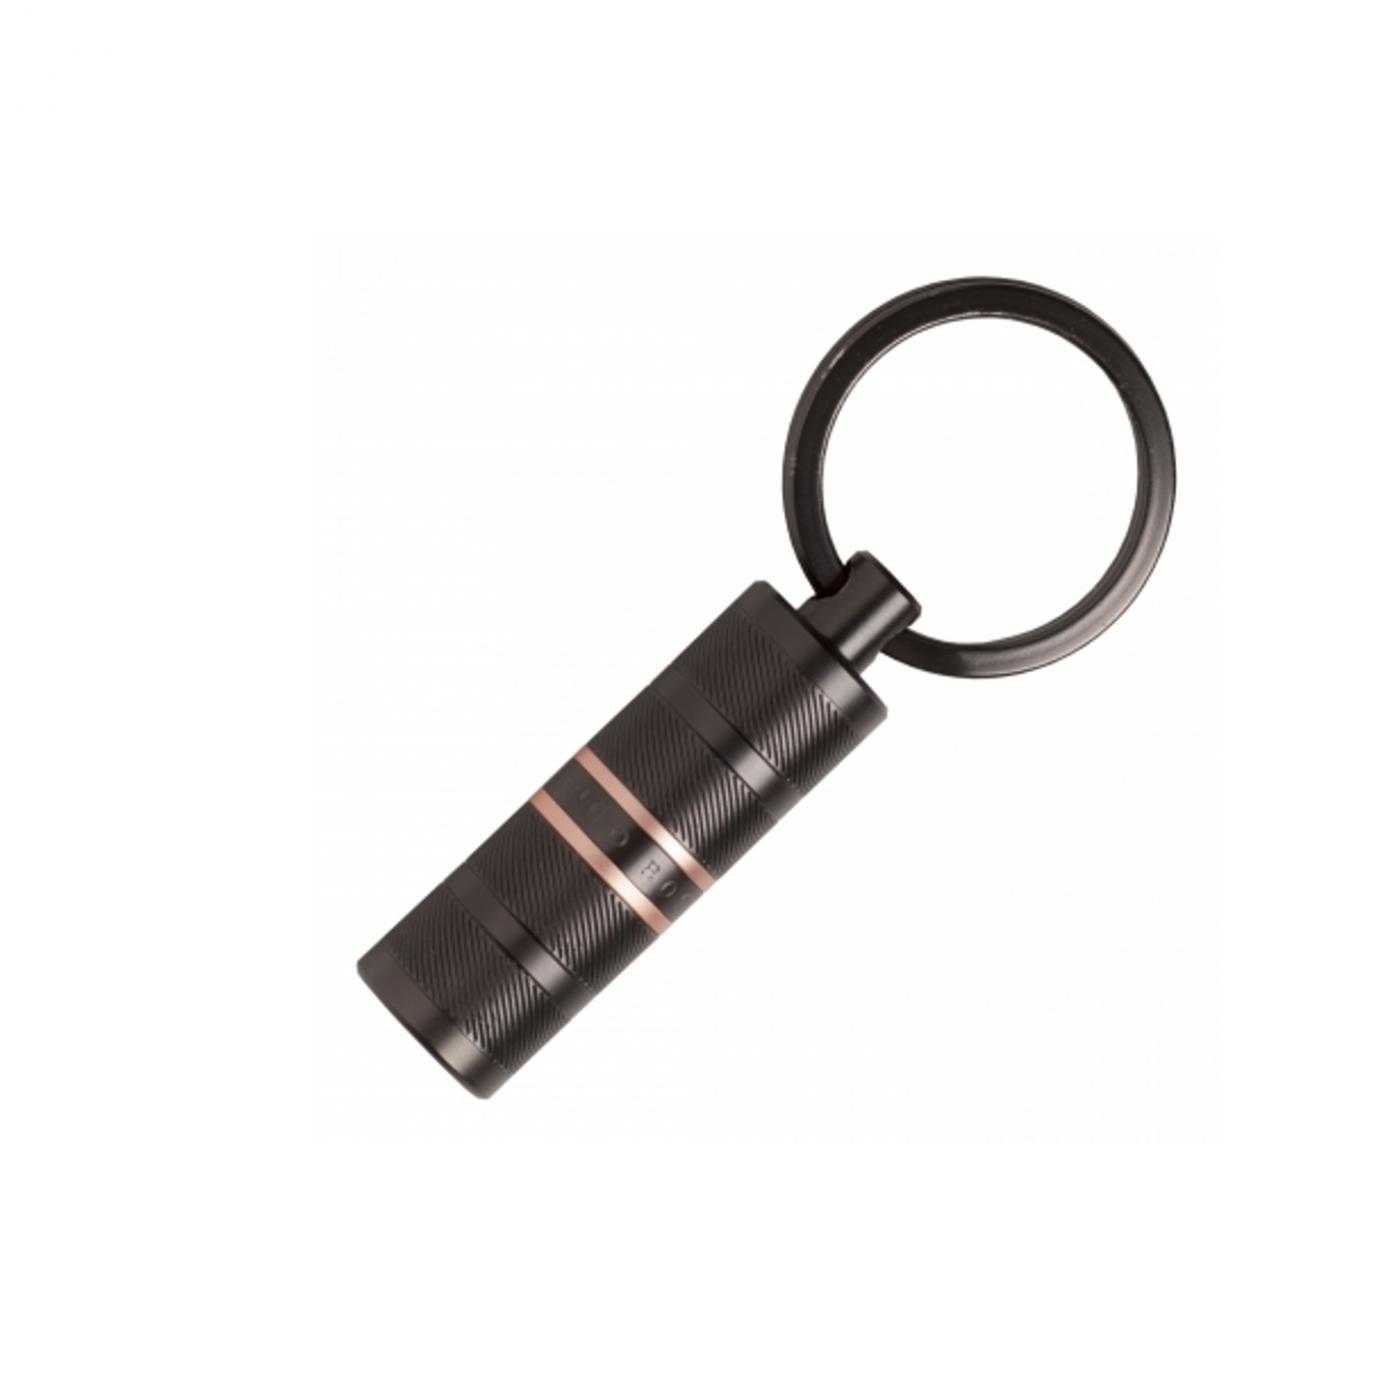 HUGO BOSS Level Structure Gun portachiavi a cilindro, black